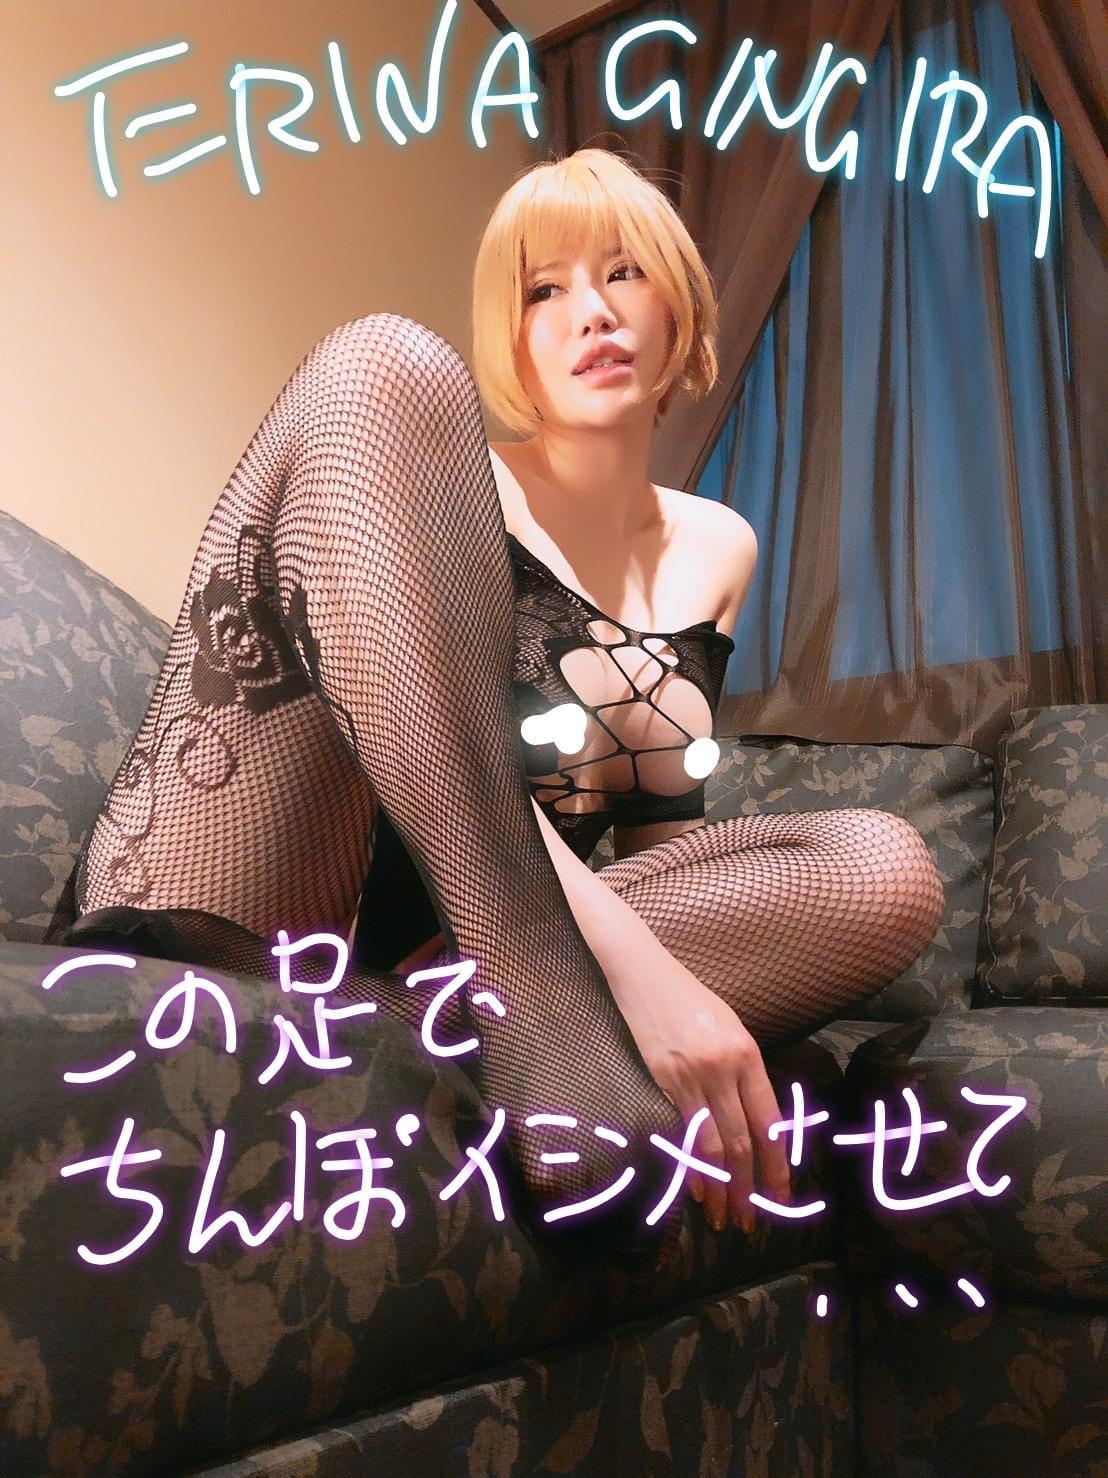 「明日やっと(´Д`)」07/16(火) 09:51   ERINAの写メ・風俗動画